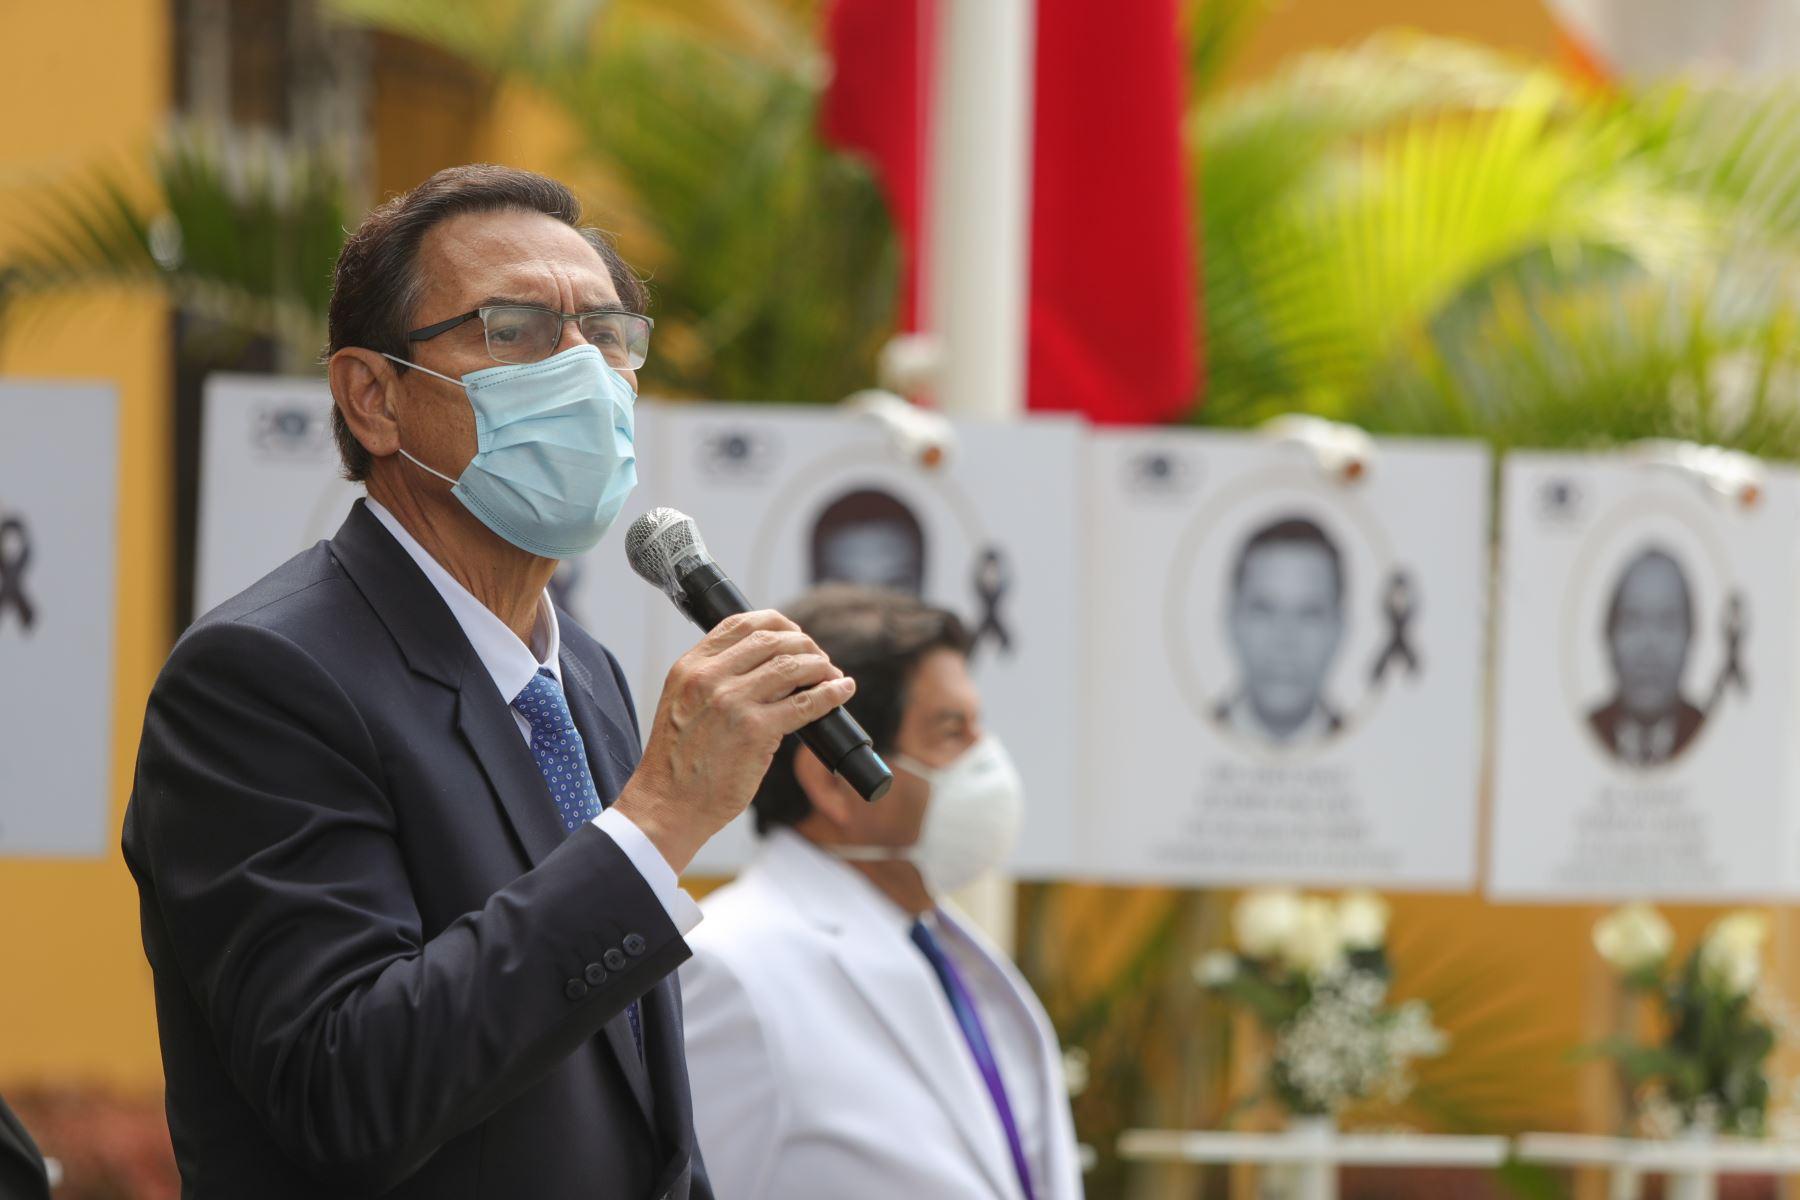 El jefe del Estado reiteró la voluntad y compromiso del Gobierno de trabajar en unidad y de forma permanente para combatir la pandemia y salir airosos de ella. Foto: ANDINA/ Prensa Presidencia